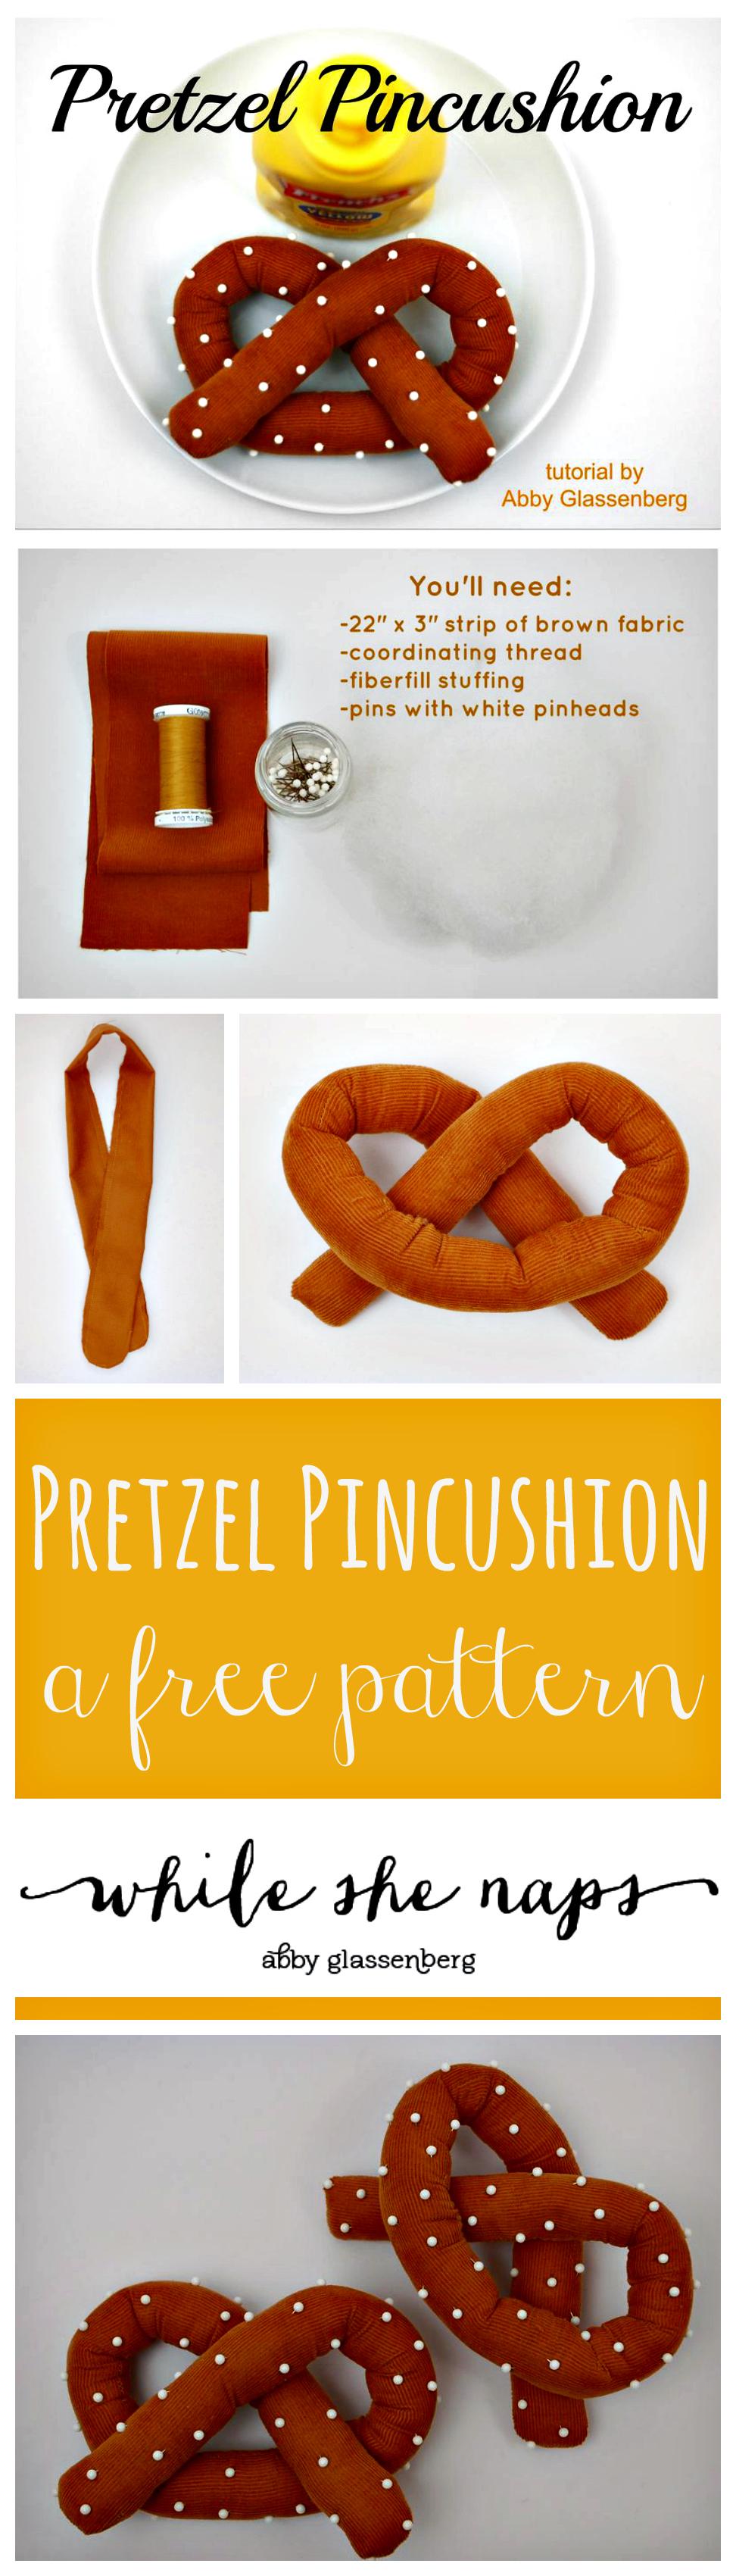 A free pattern for a Pretzel Pincushion.